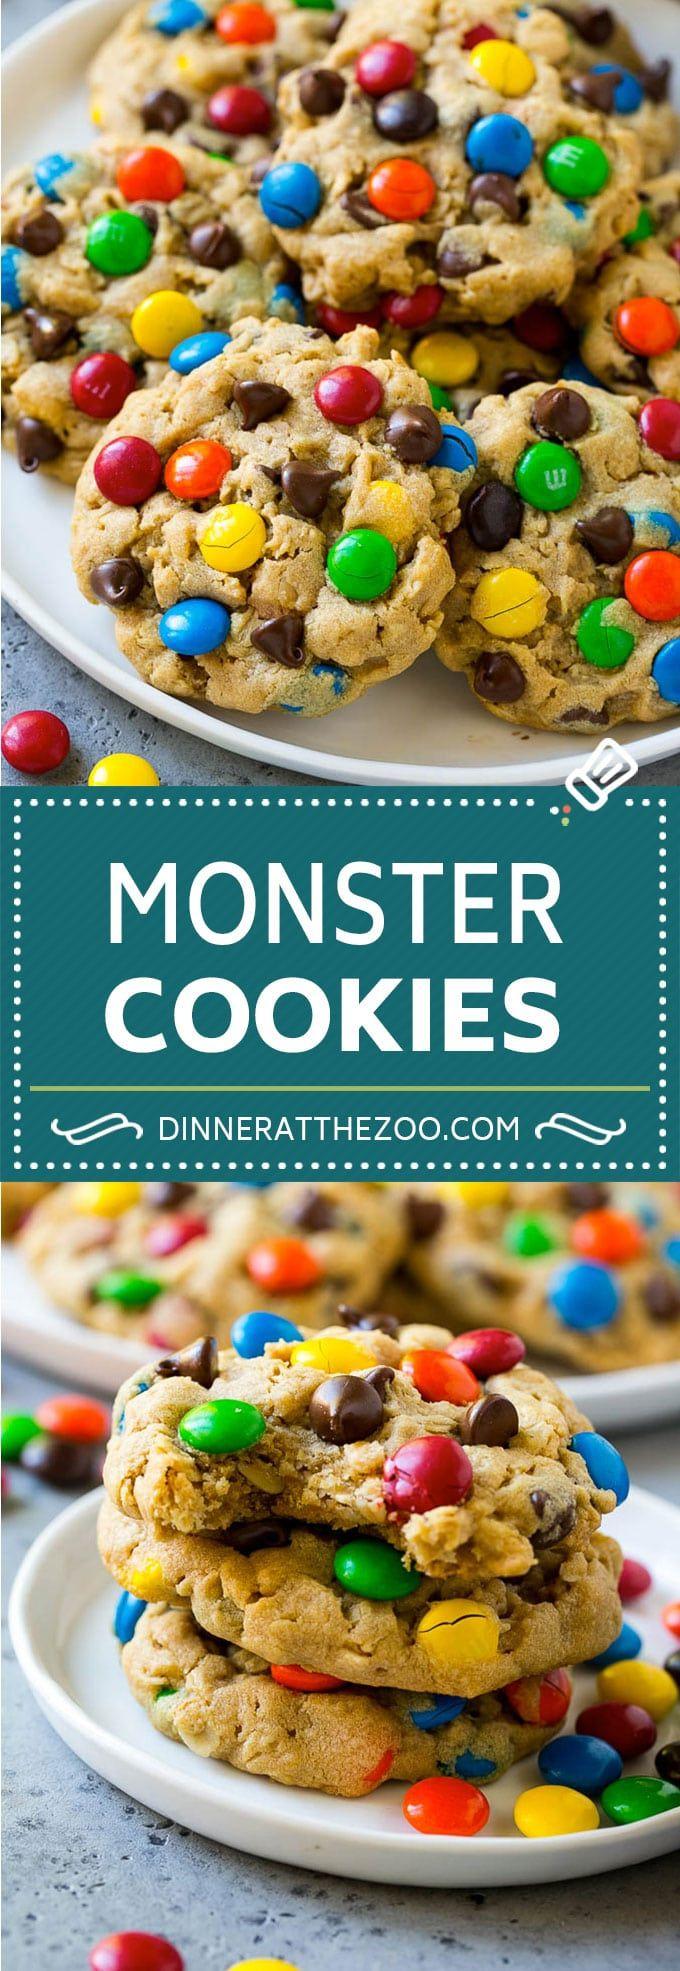 Monster Cookies Recipe  Oatmeal Cookies  Peanut Butter Cookies  MMs Cookies